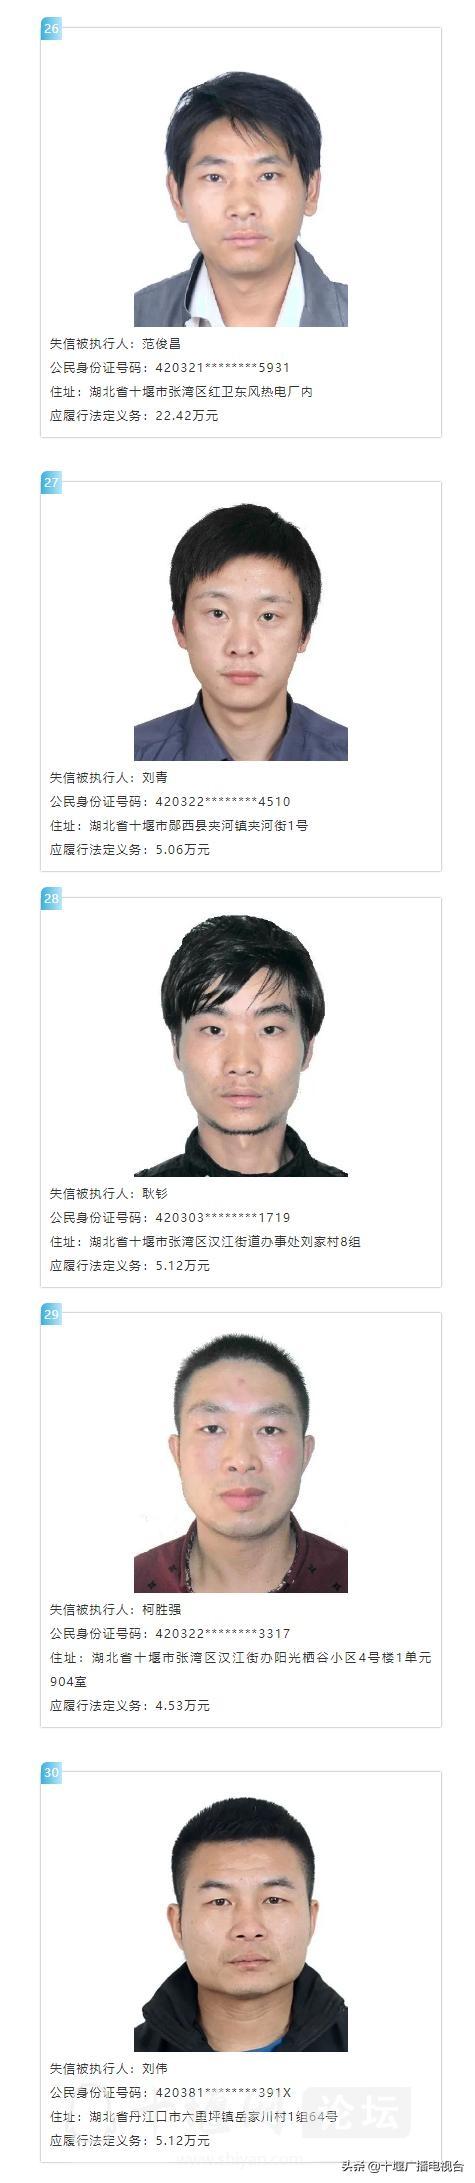 照片、住址全公开!张湾曝光50名失信被执行人-6.jpg